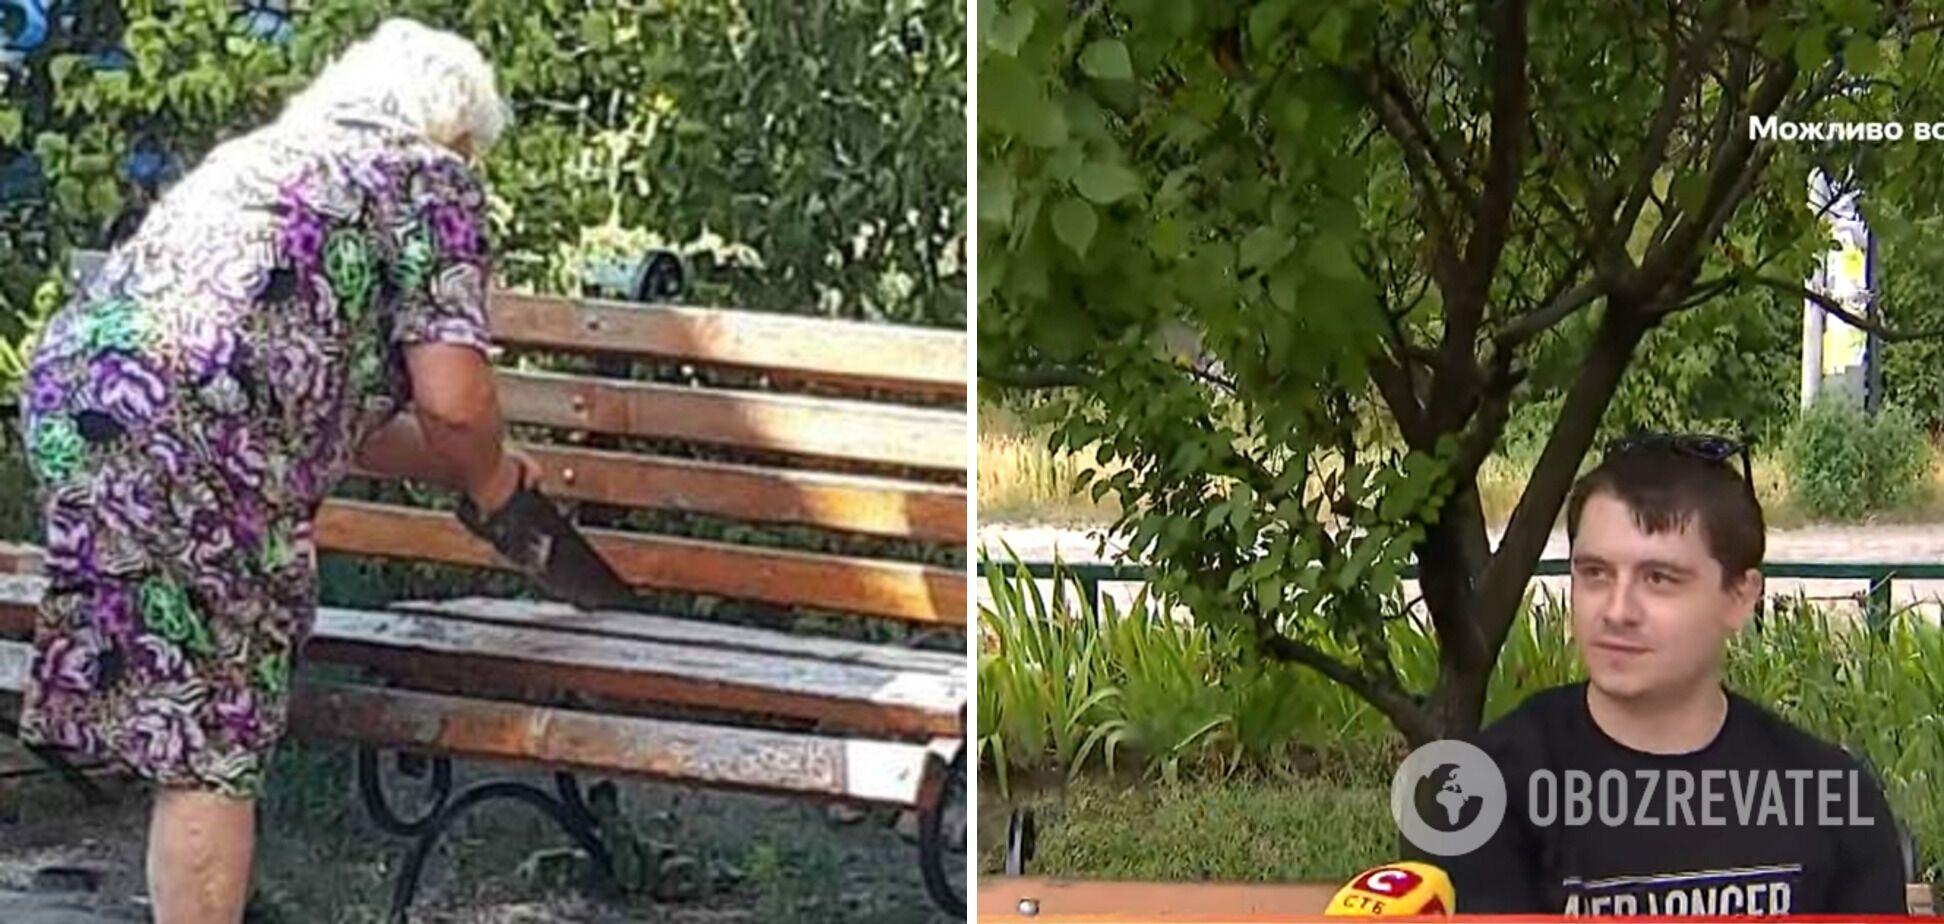 Пенсионерка, спилившая лавку в Киеве, объяснила свой поступок, но просчиталась и будет наказана. Видео